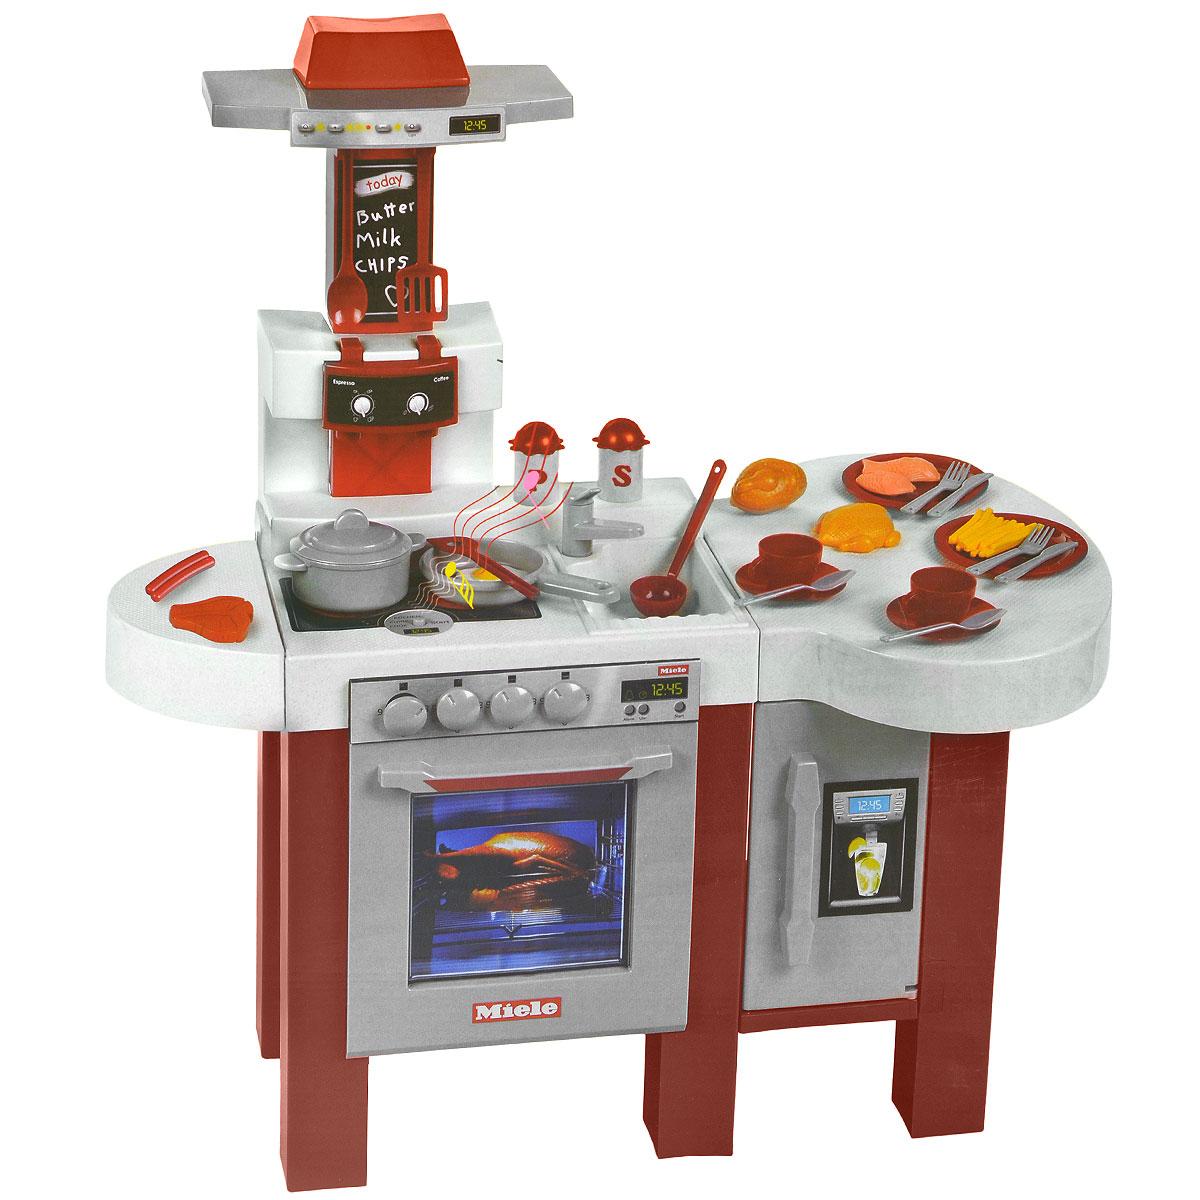 Игровой набор Klein Miele. Кухонный центр с кофемашиной klein miele